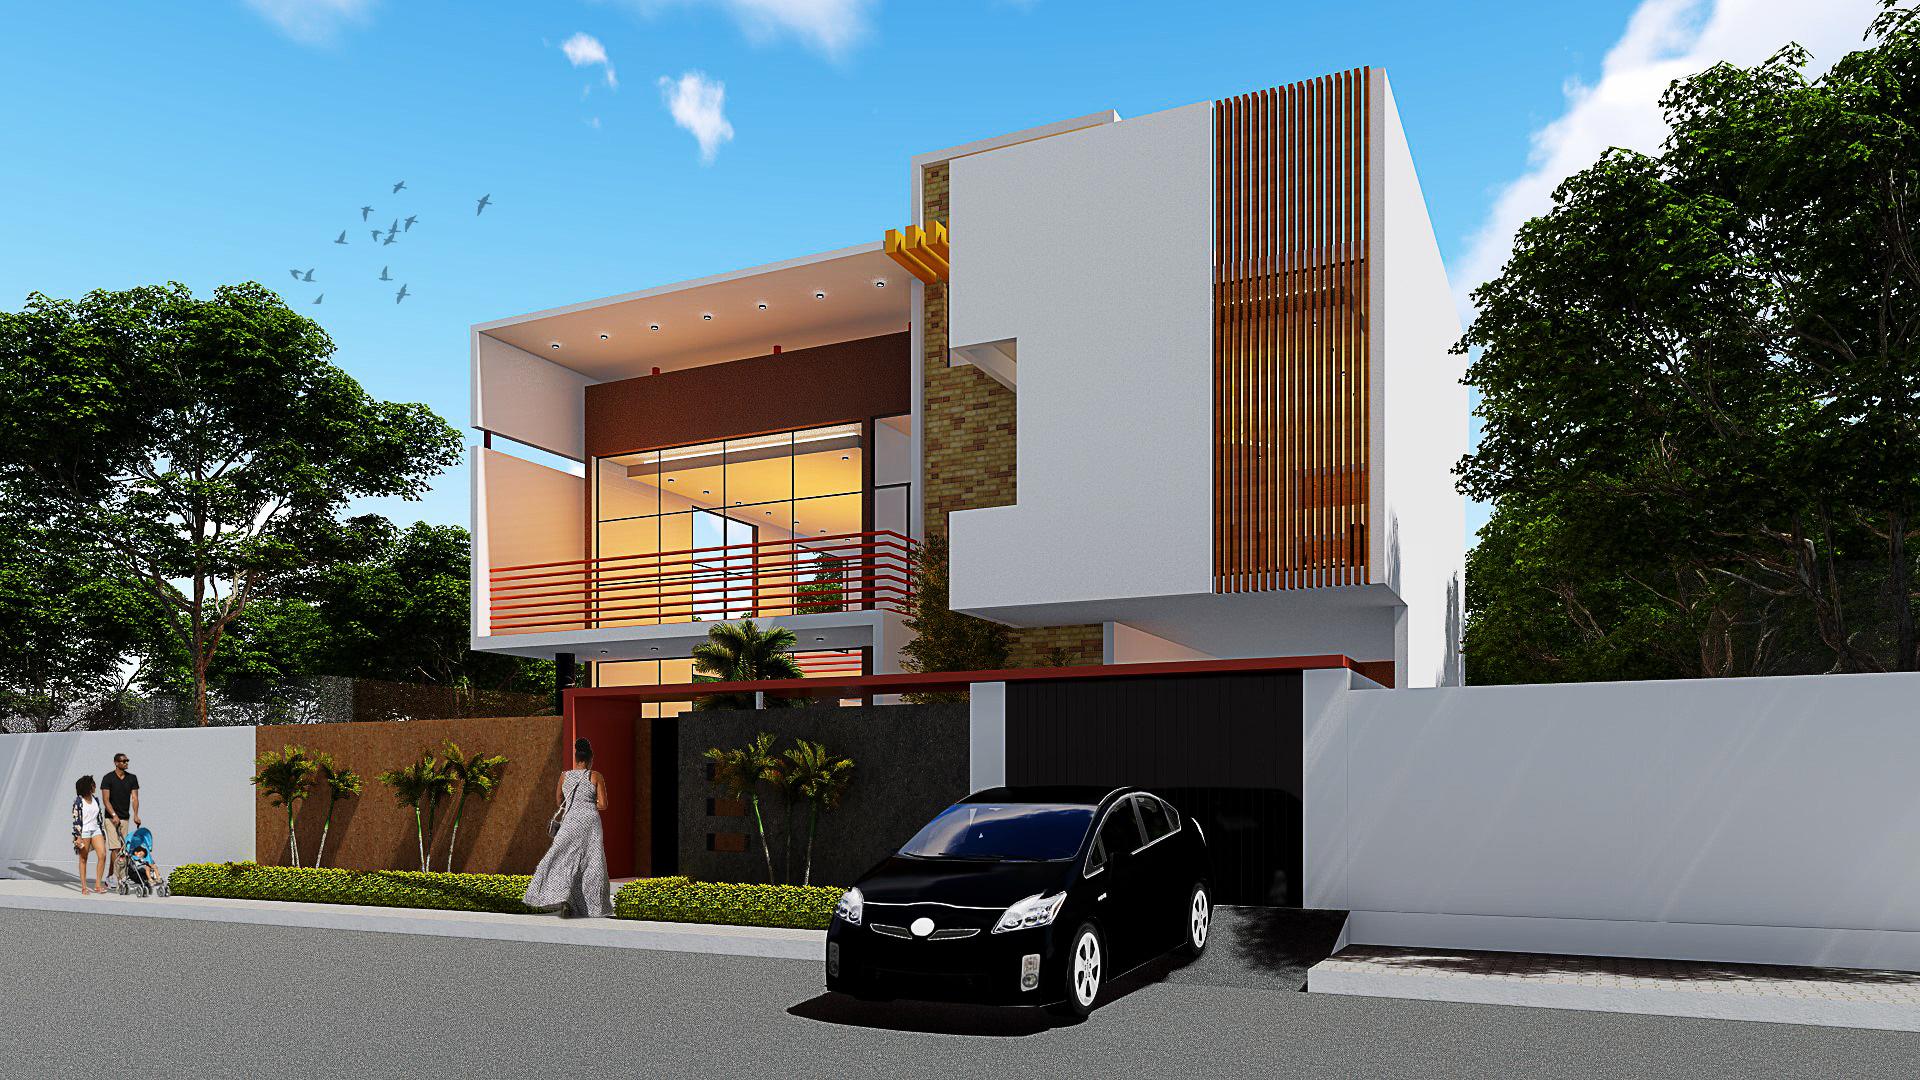 Projets-residentiels-10